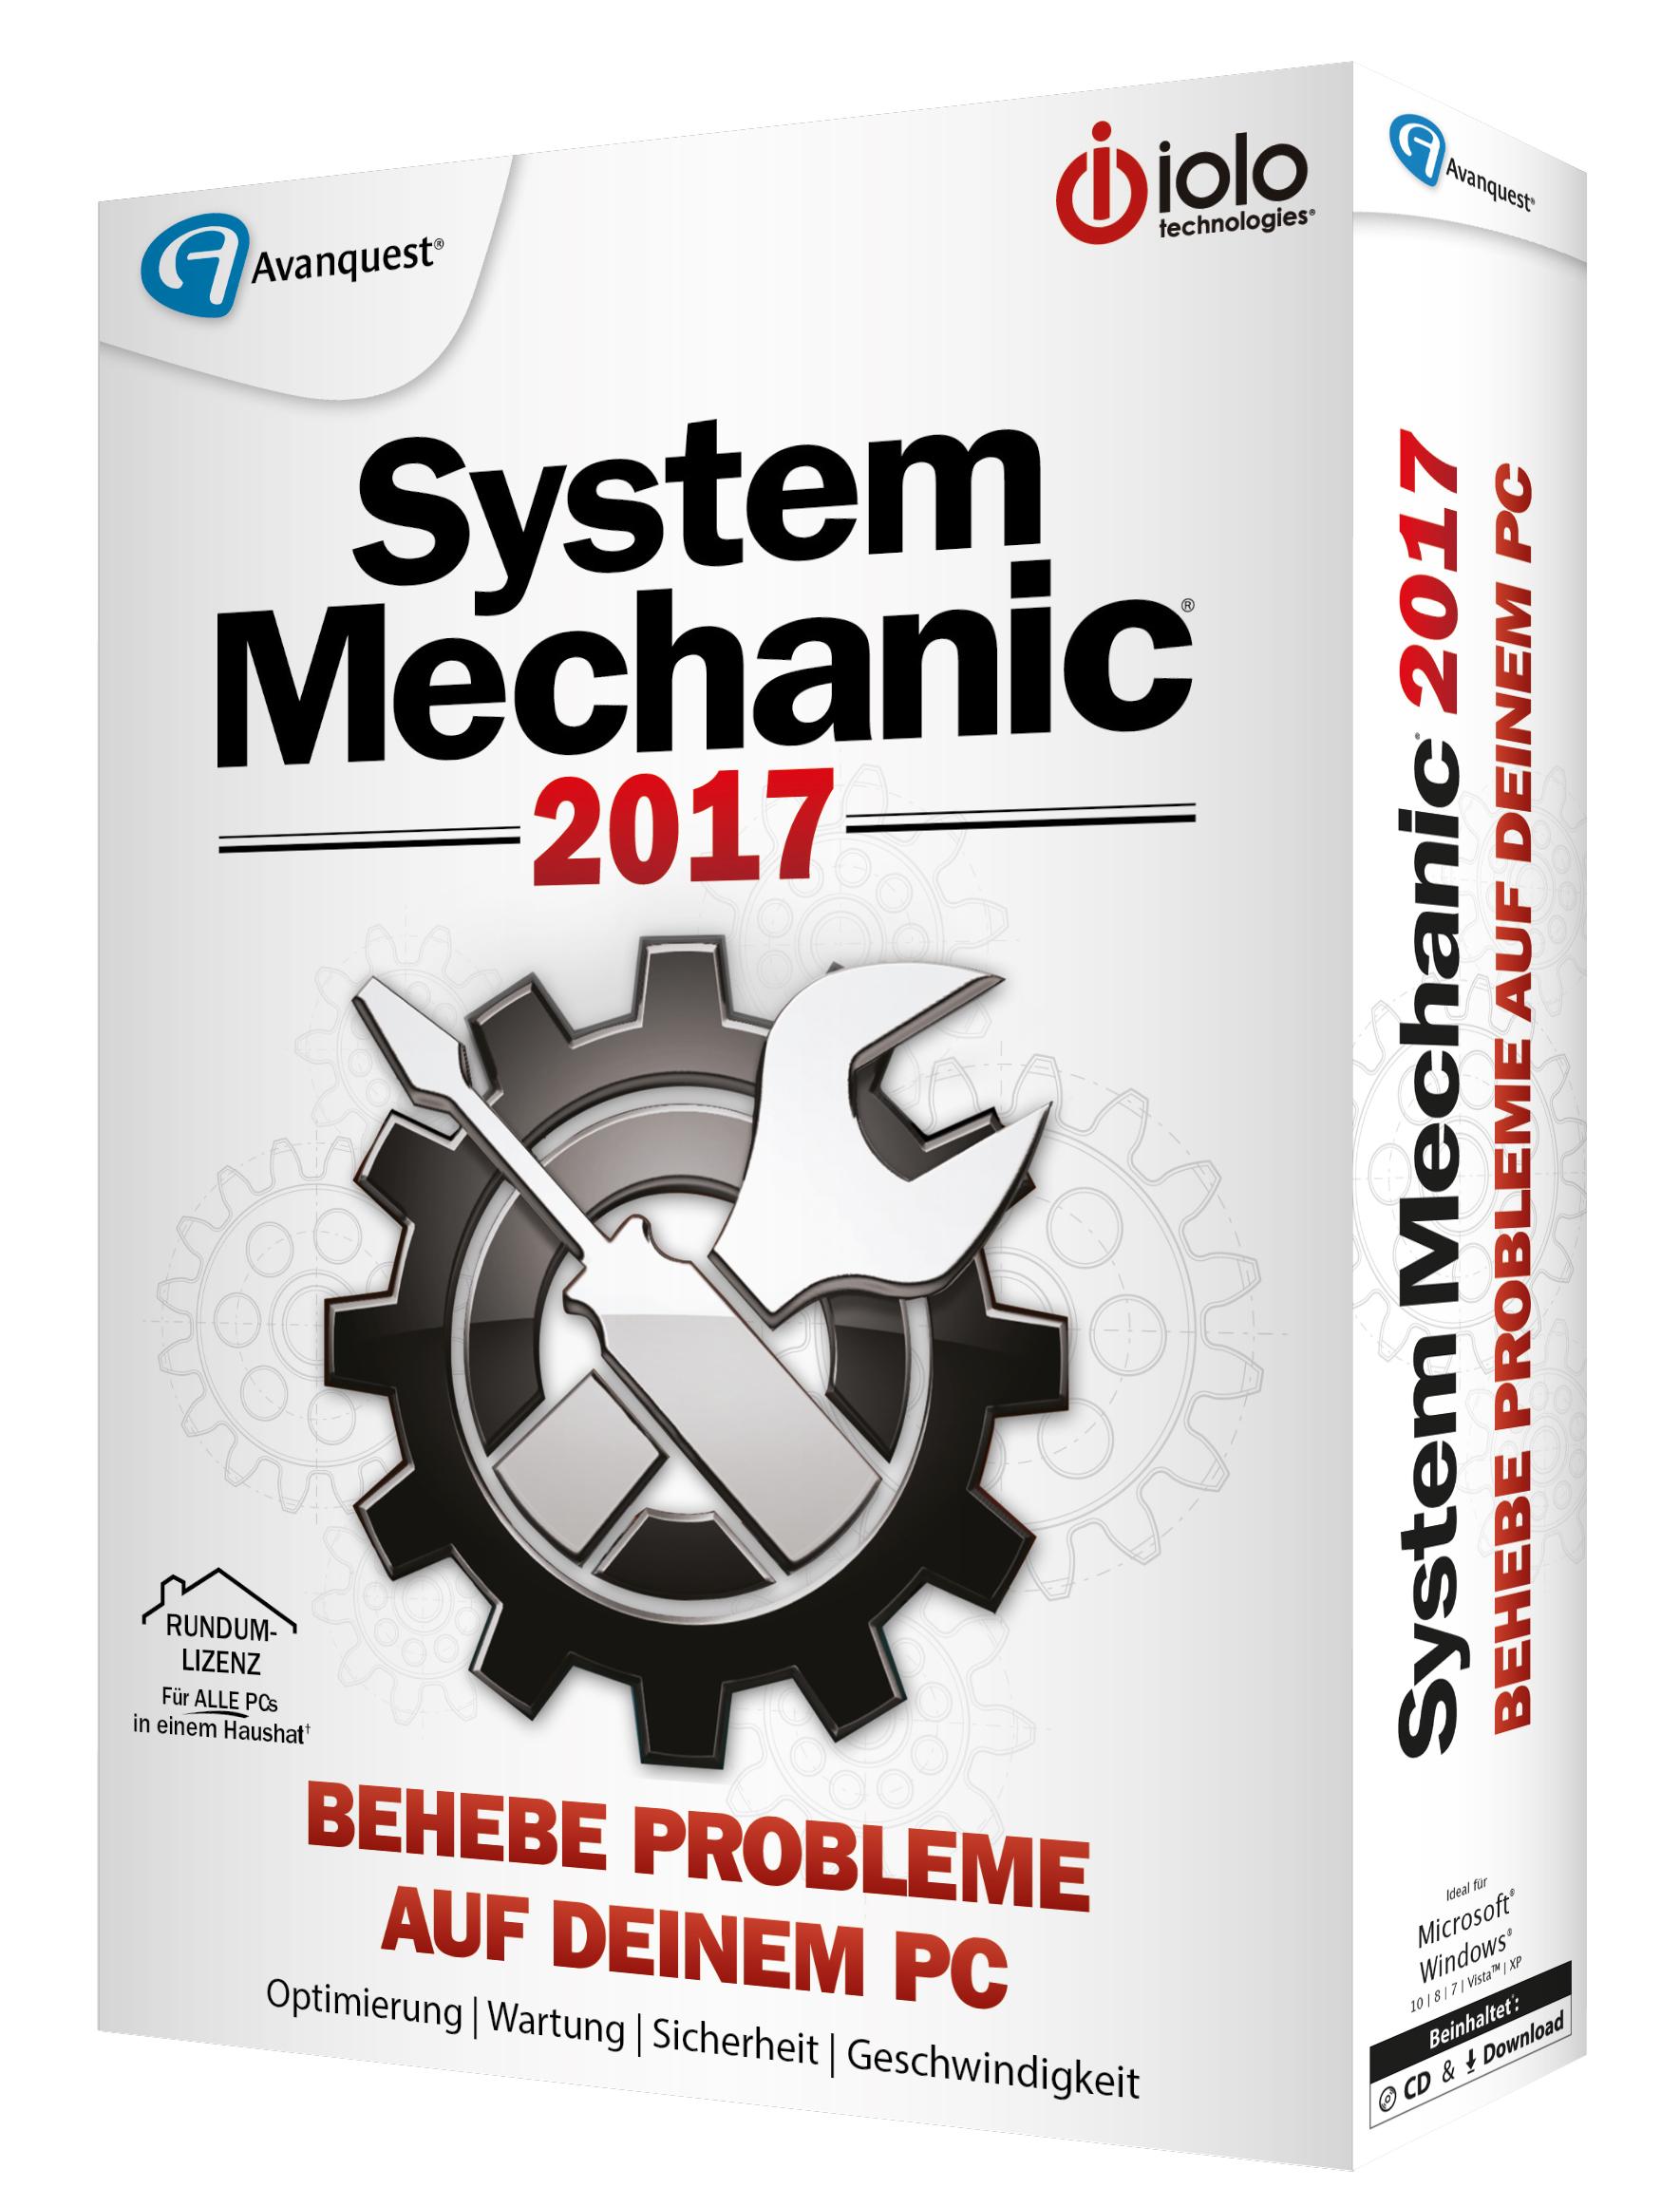 SystemMechanic 2017 Professional 3D rechts 300dpi CMYK JPG